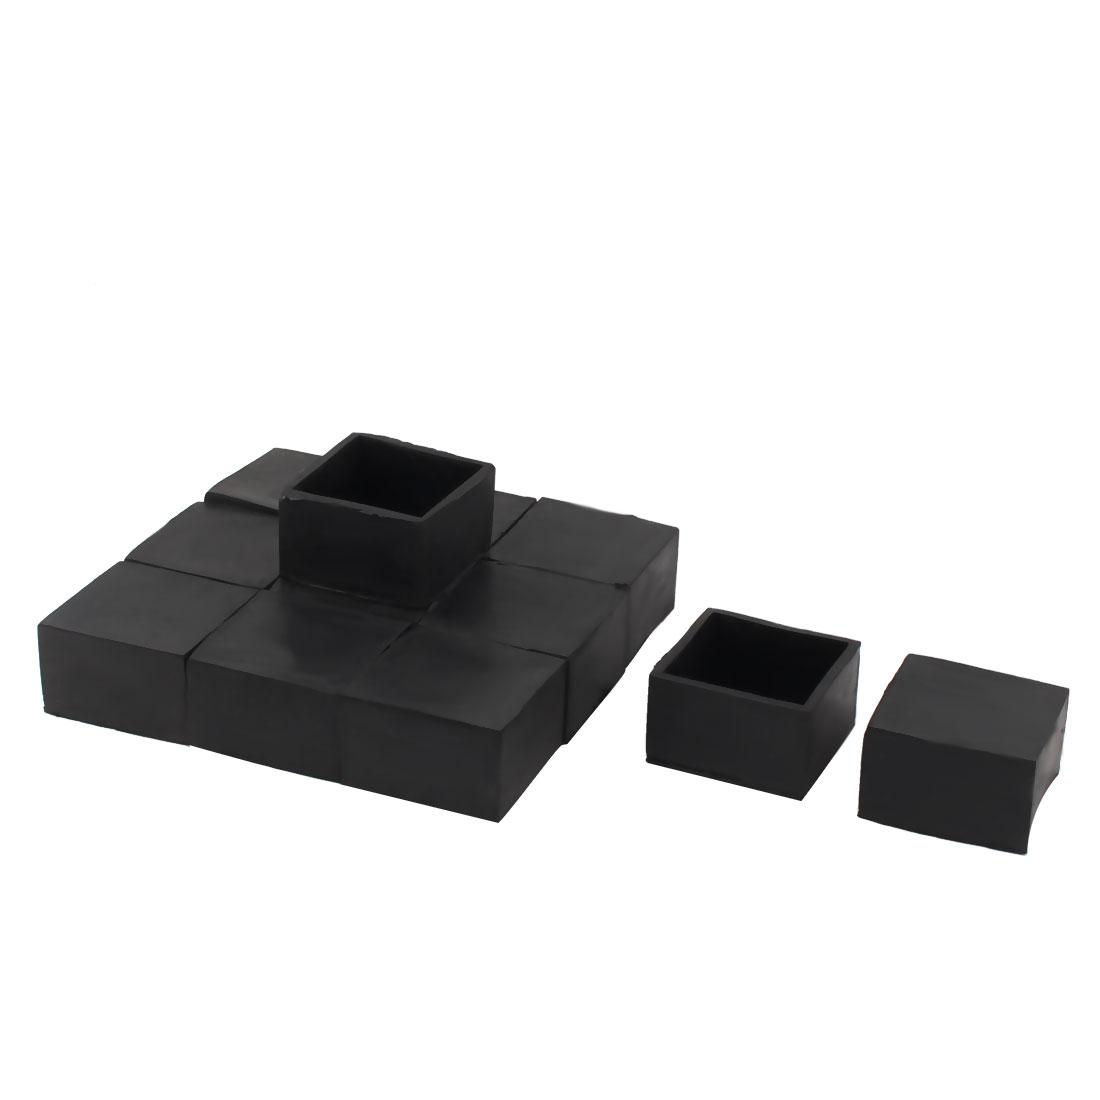 50mm x 50mm Square Tube Insert Table Desk Leg Foot Rubber End Caps Black 12pcs